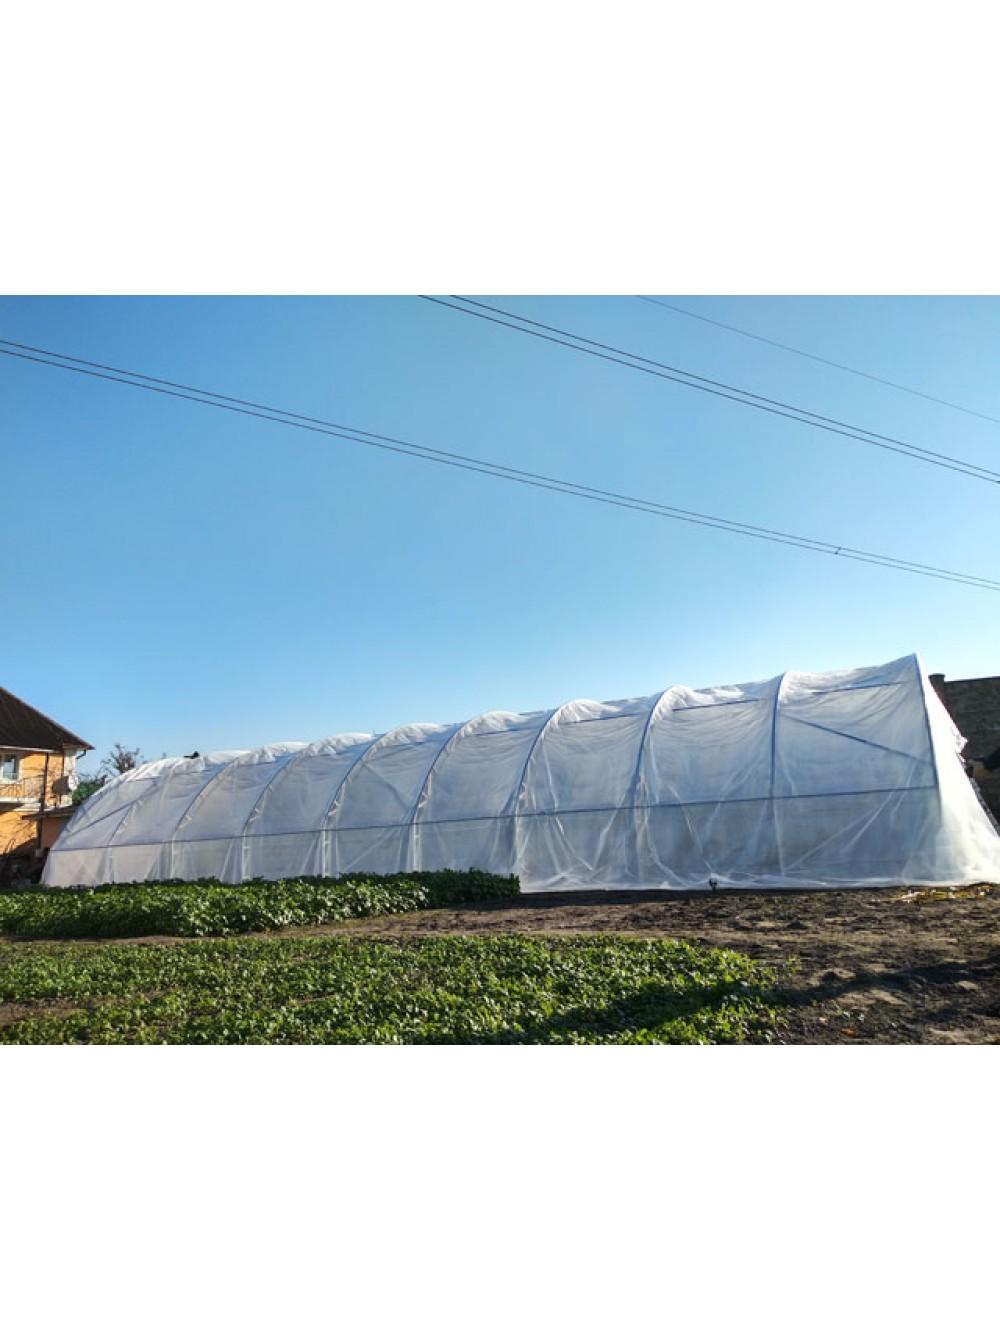 пленка урожай для теплиц купить в новосибирске